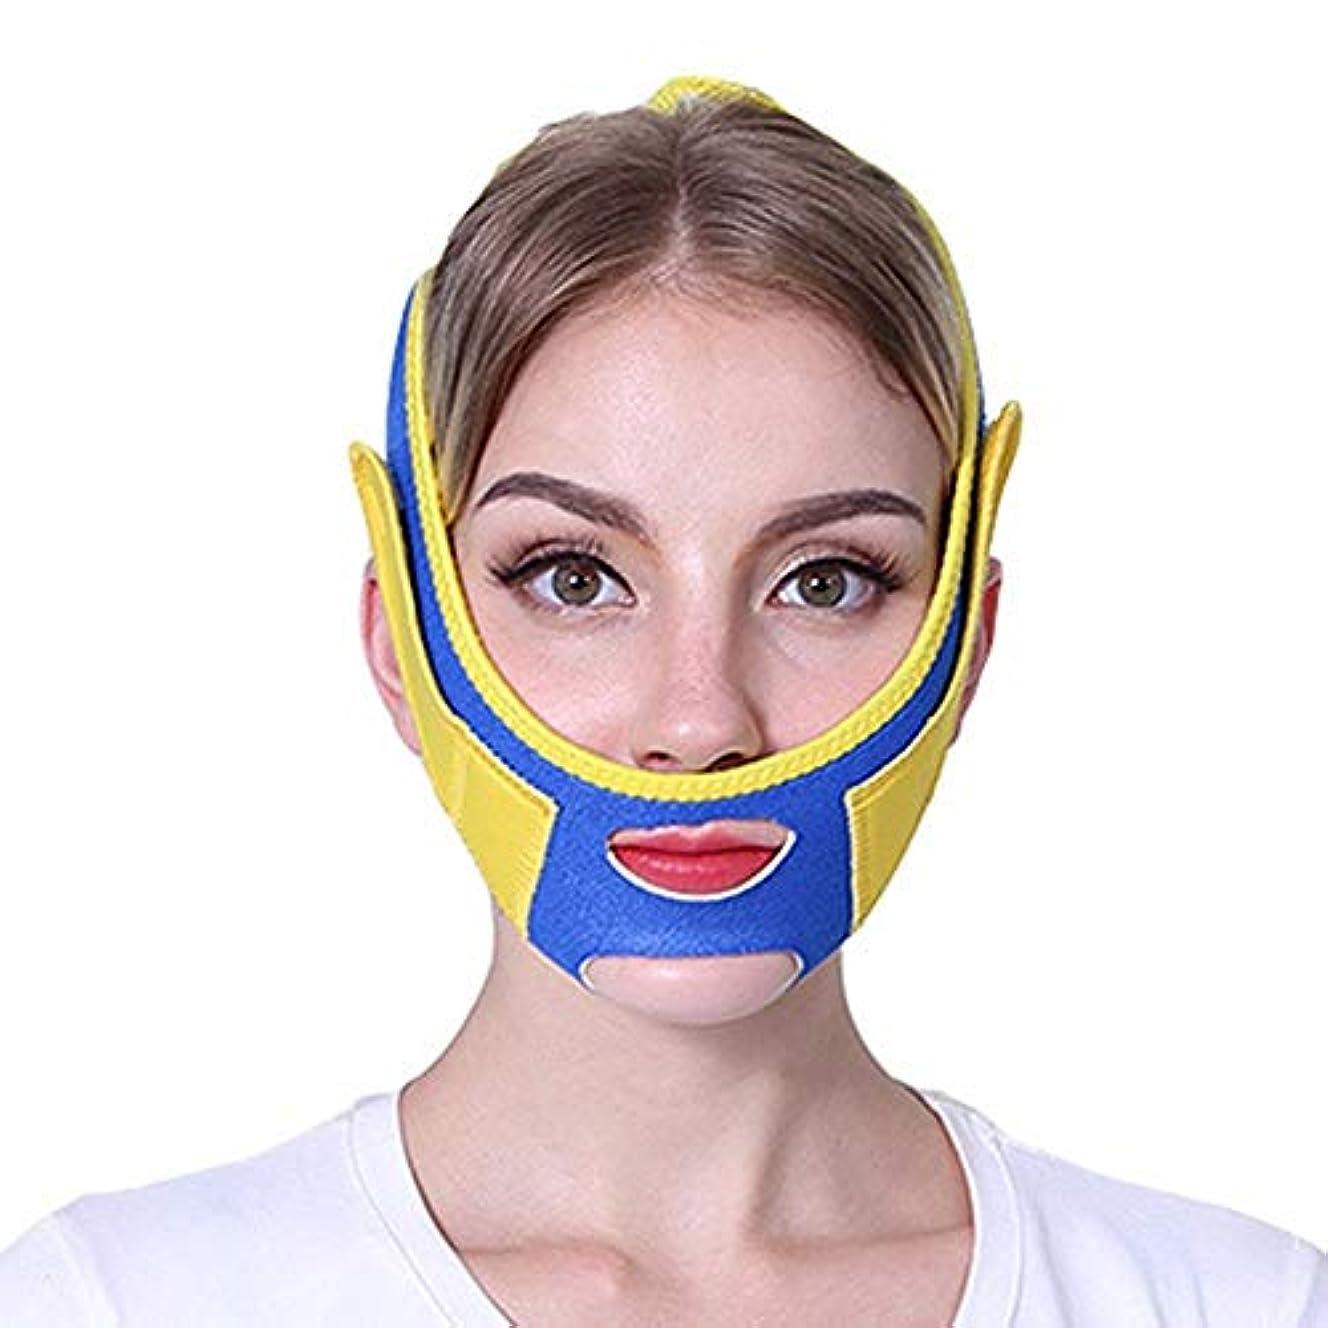 無駄情報周囲フェイスリフティング包帯、フェイシャルマッサージV字型で肌の弾力性を高め ダブルチンの美容ケアツール (Color : Blue)